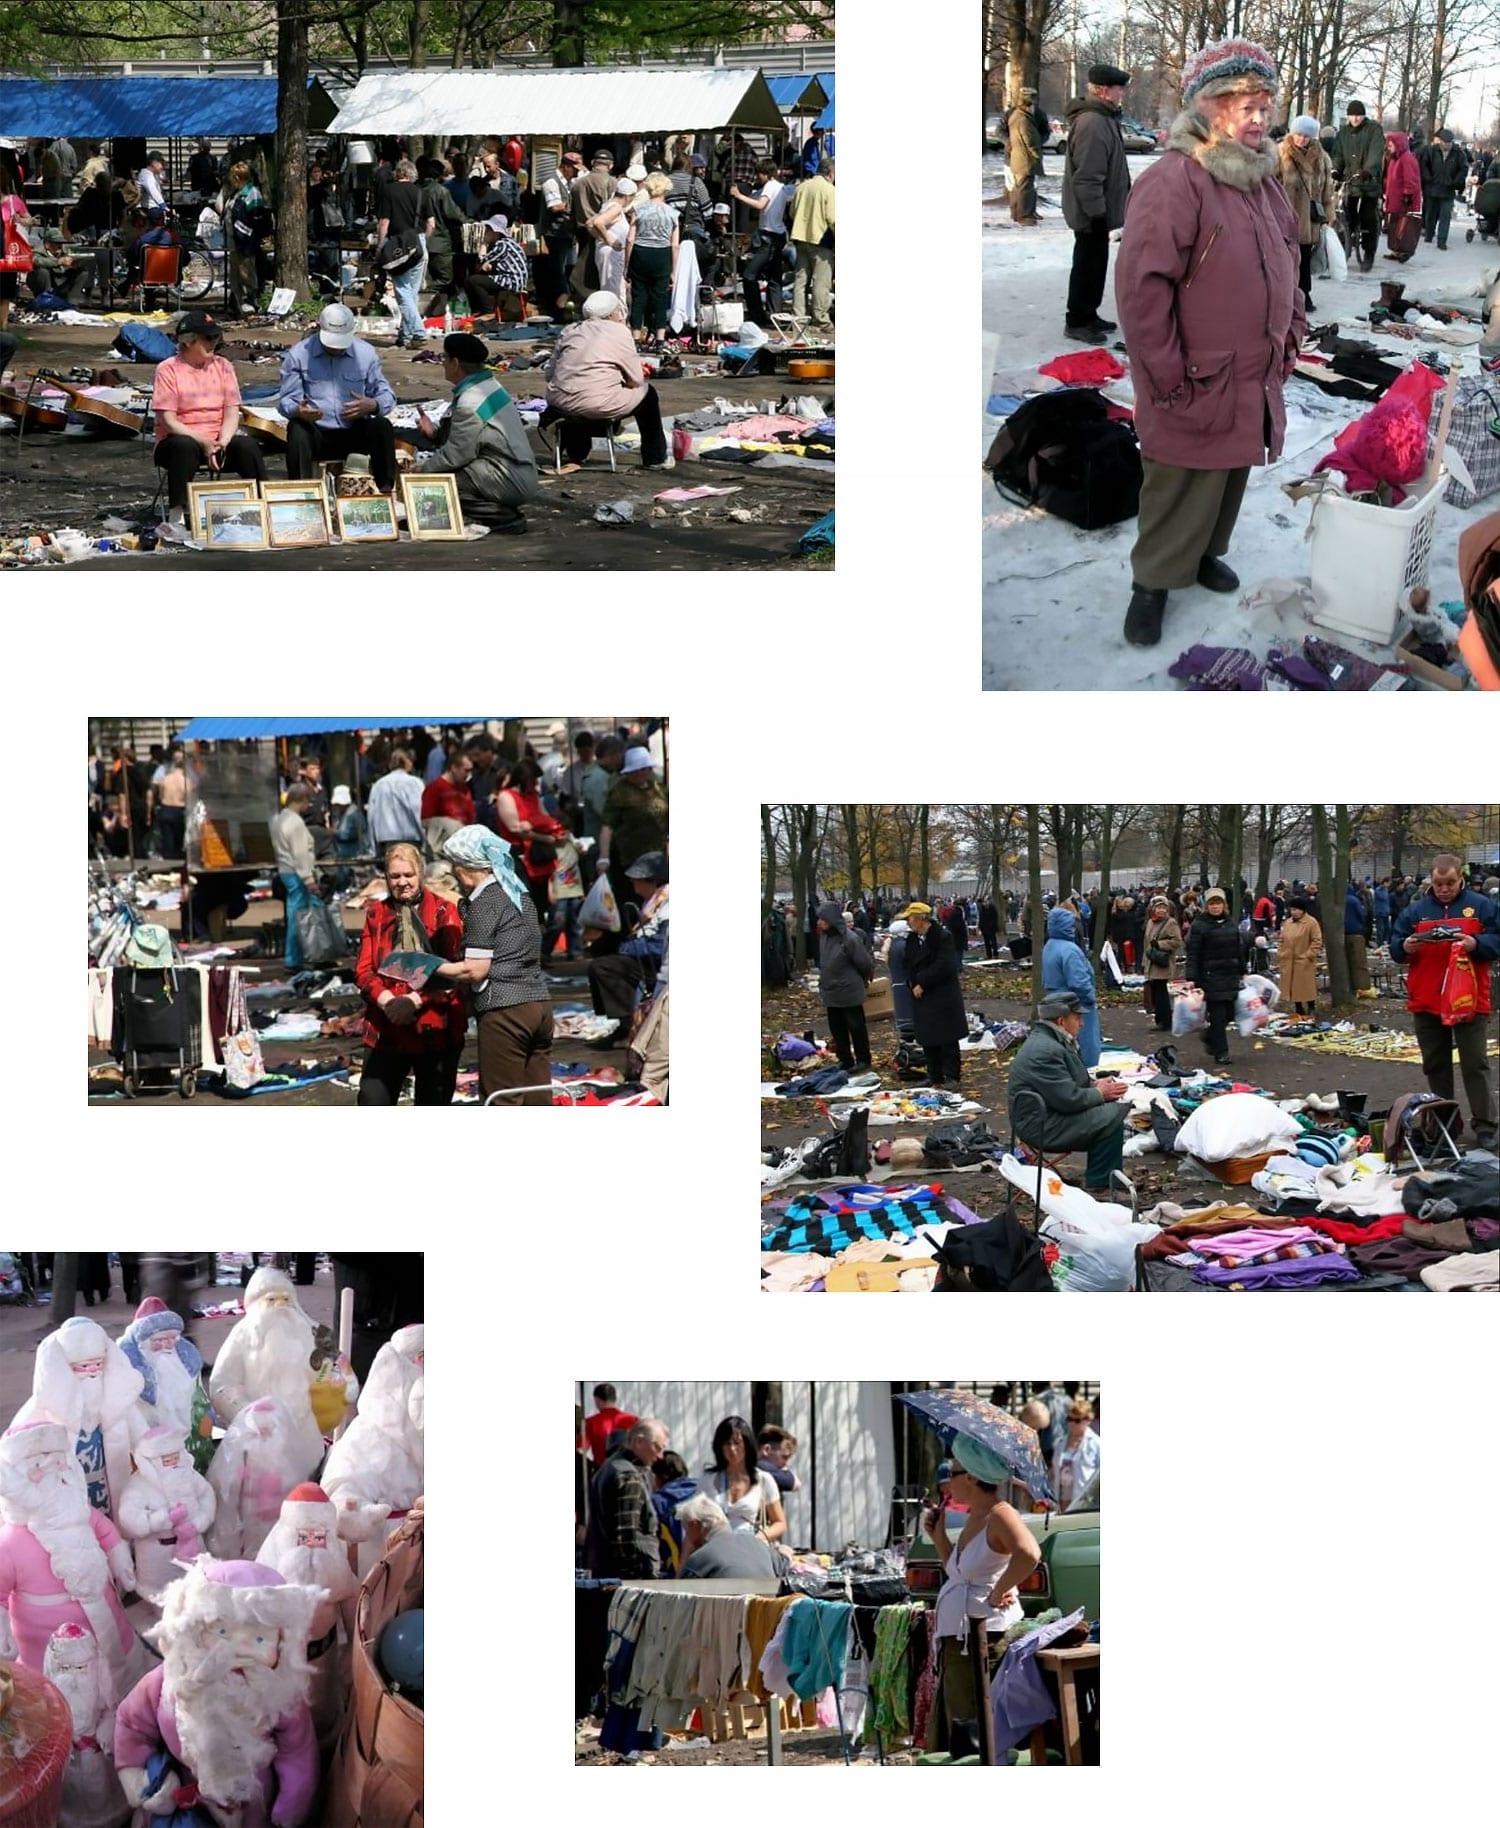 Рынок на Удельной в Петербурге // Фото: Лилия Воронкова